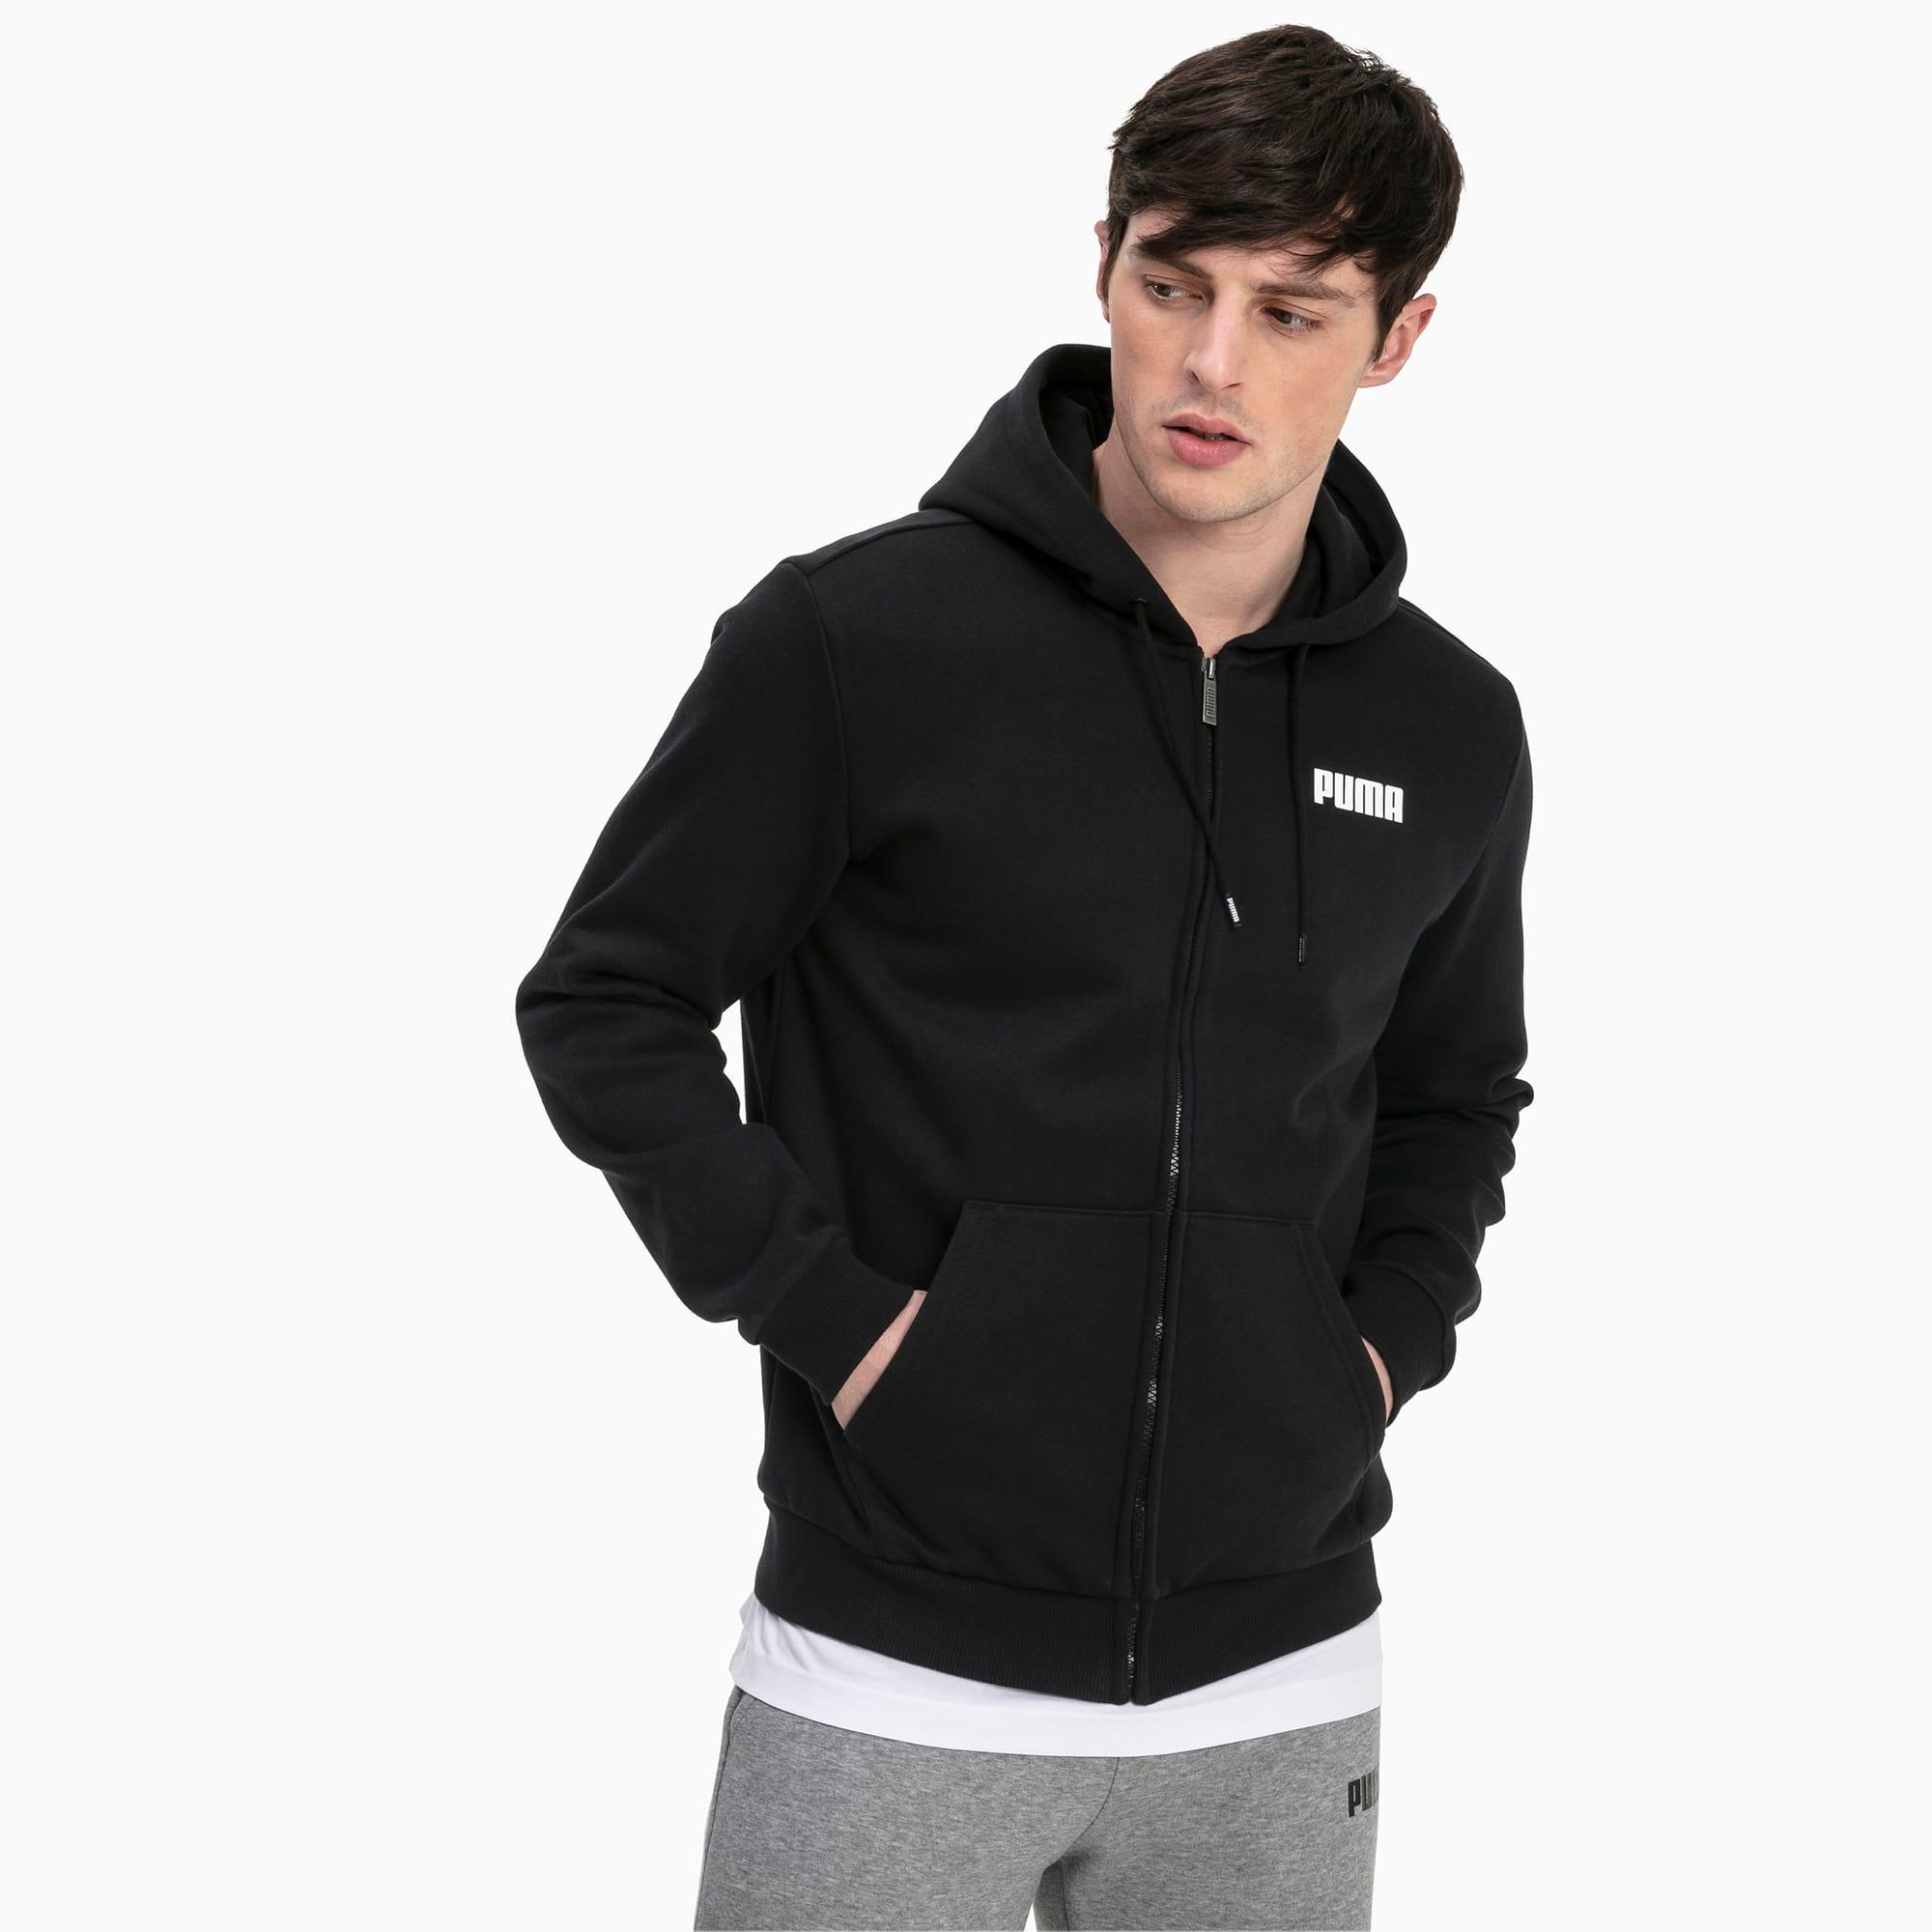 blouson en sweat essentials fleece à capuche pour homme, noir, taille s, vêtements